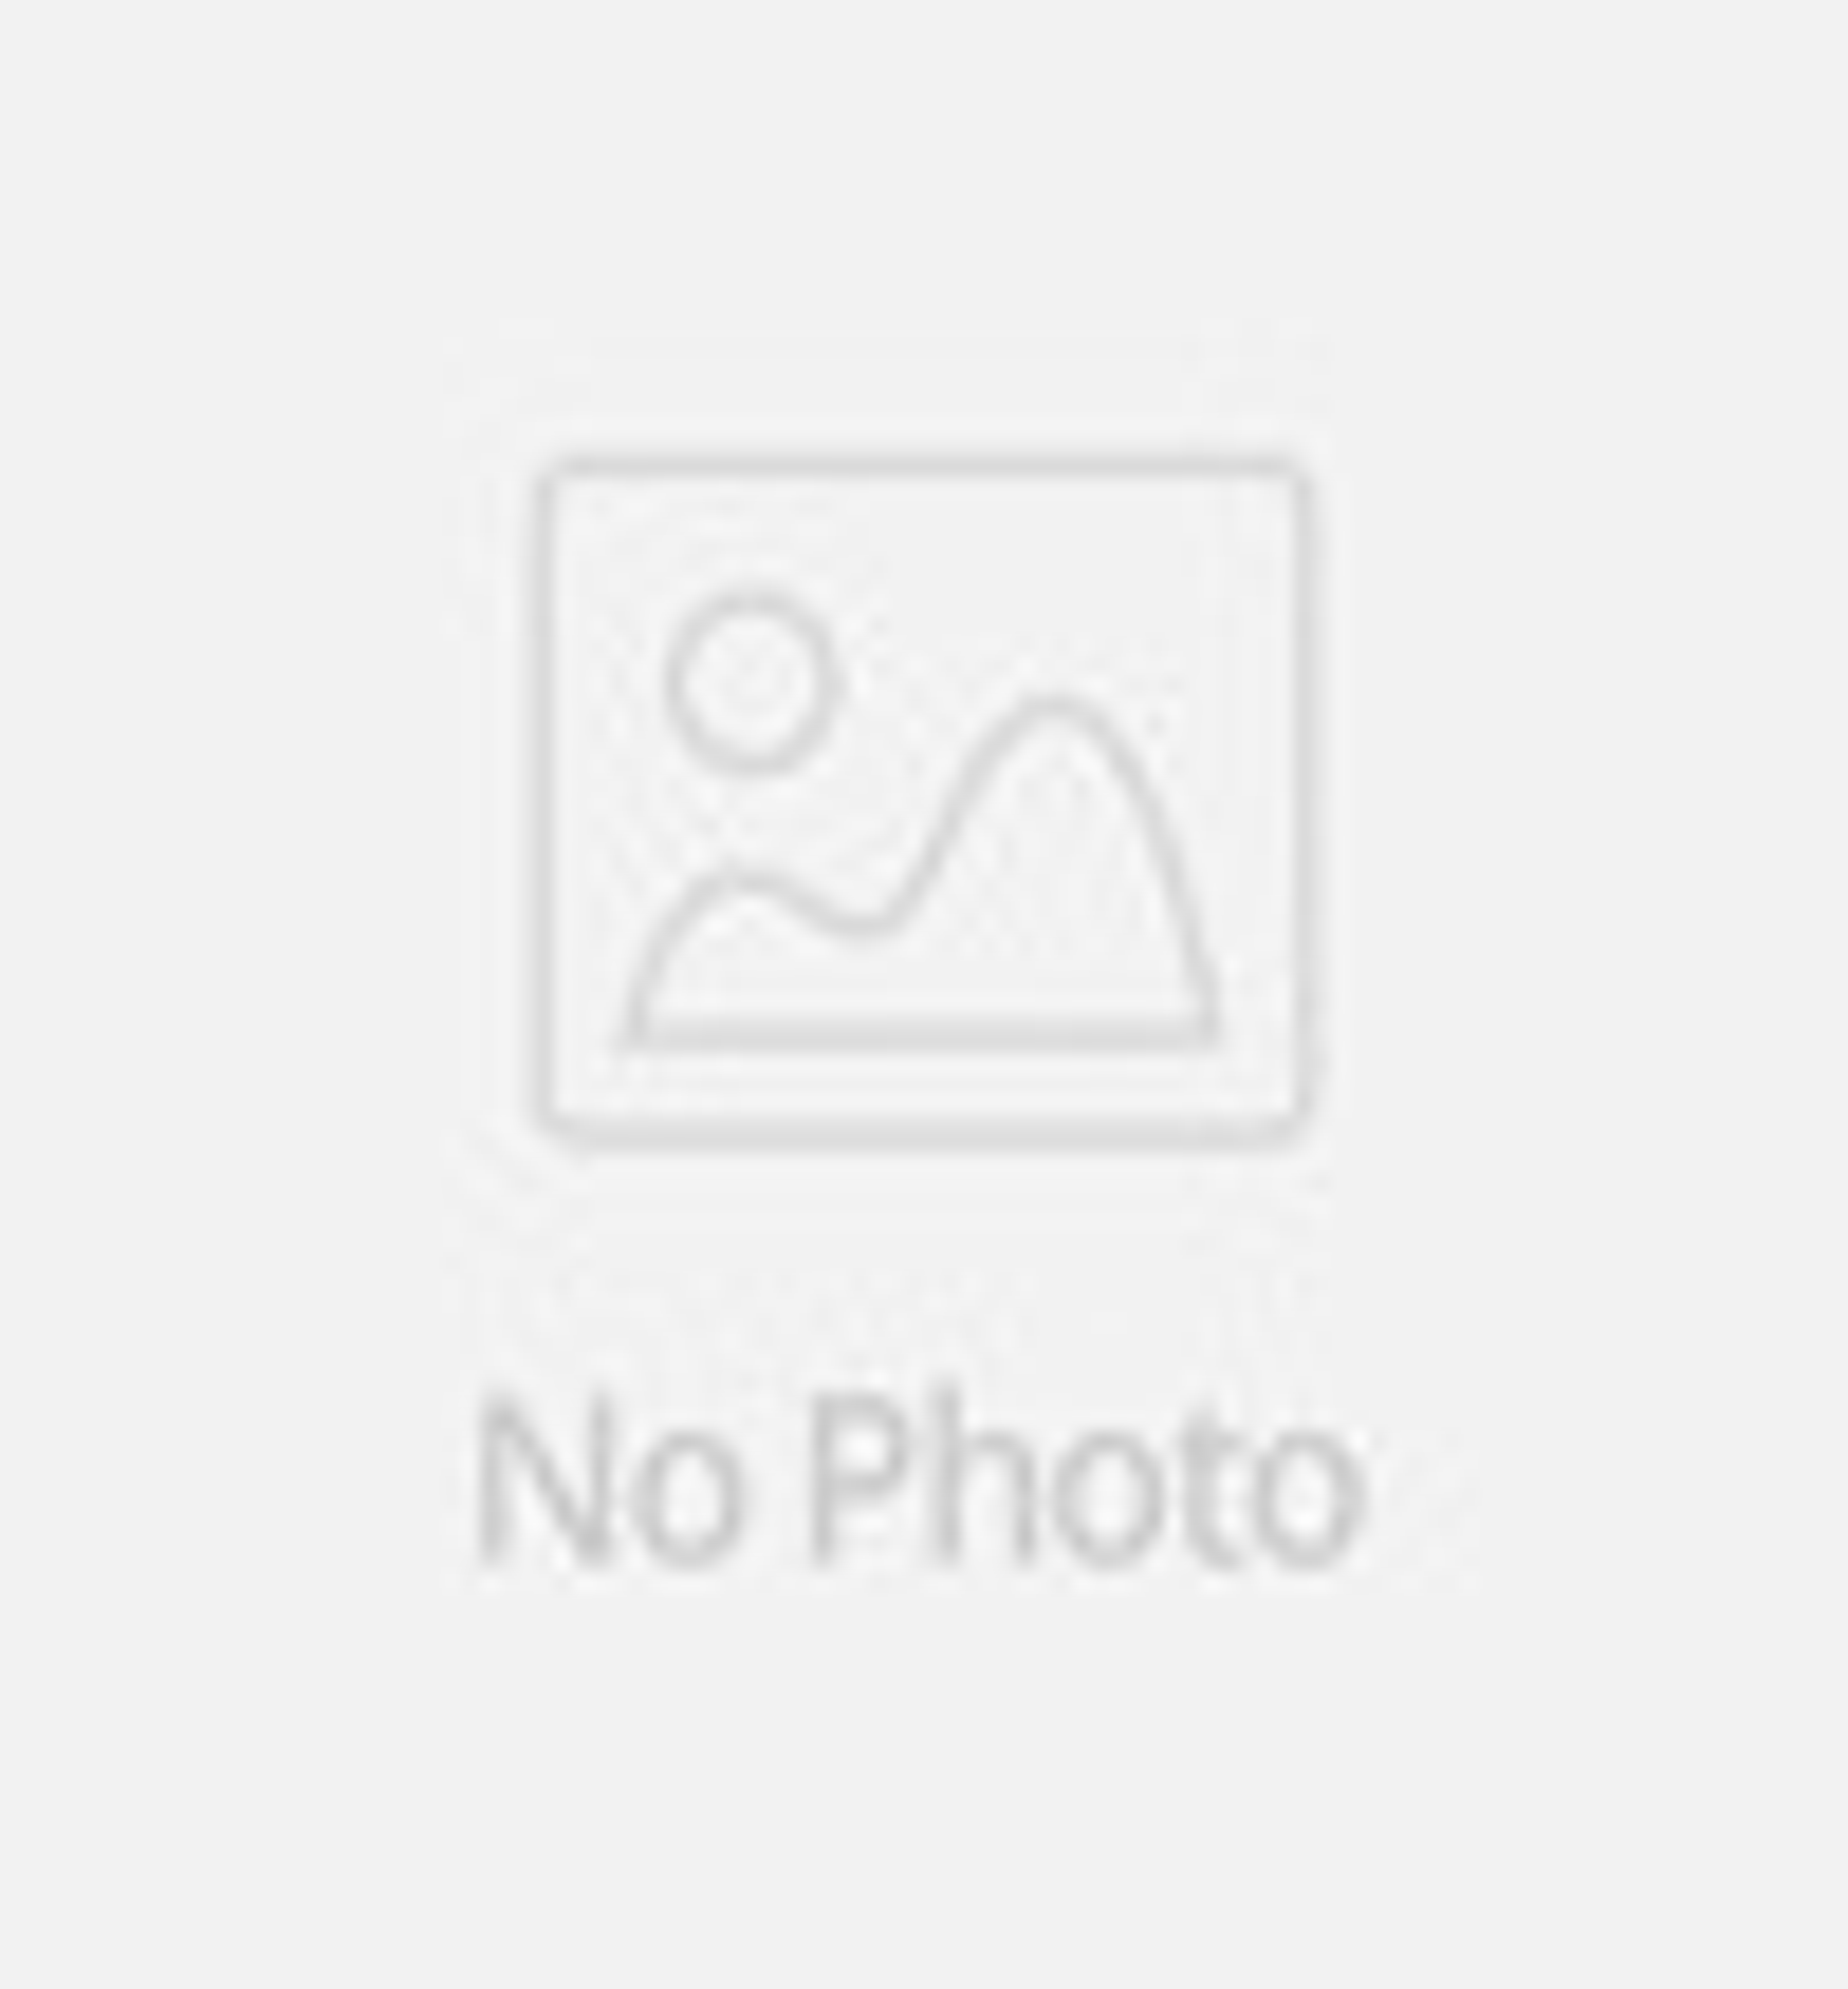 Diy computer case transparent computer case acrylic computer case